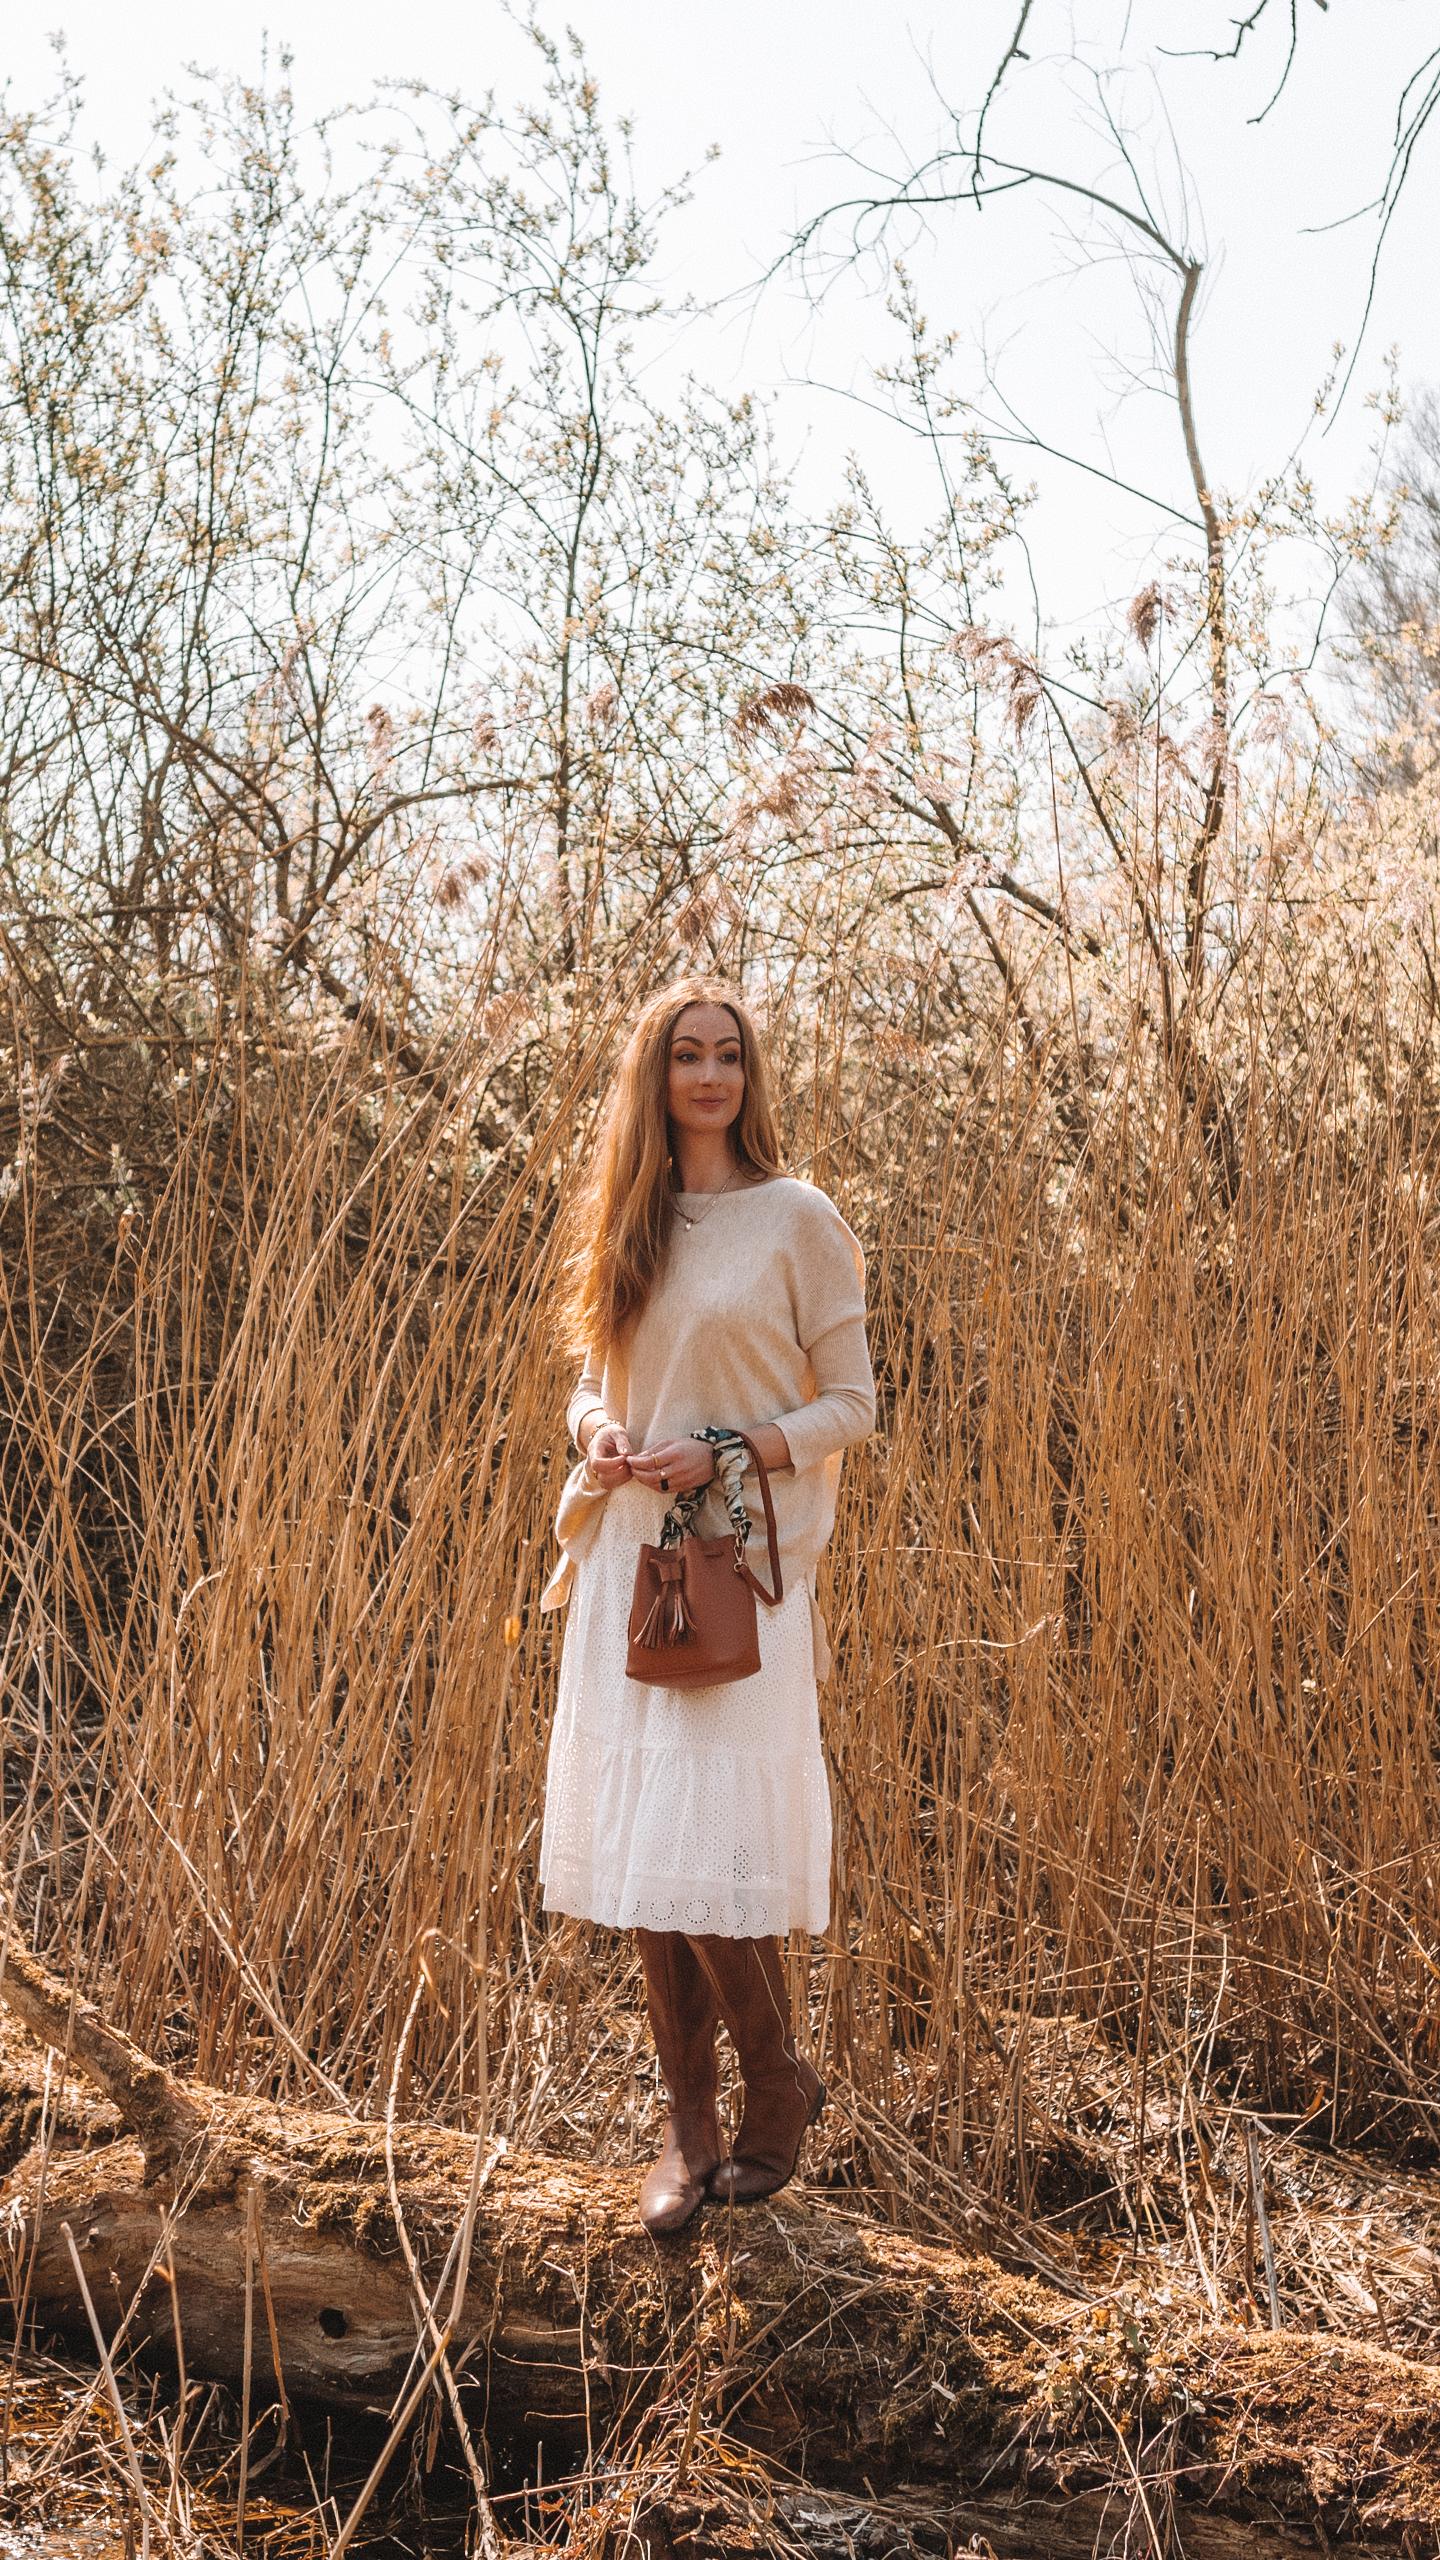 Conscious Lente outfit